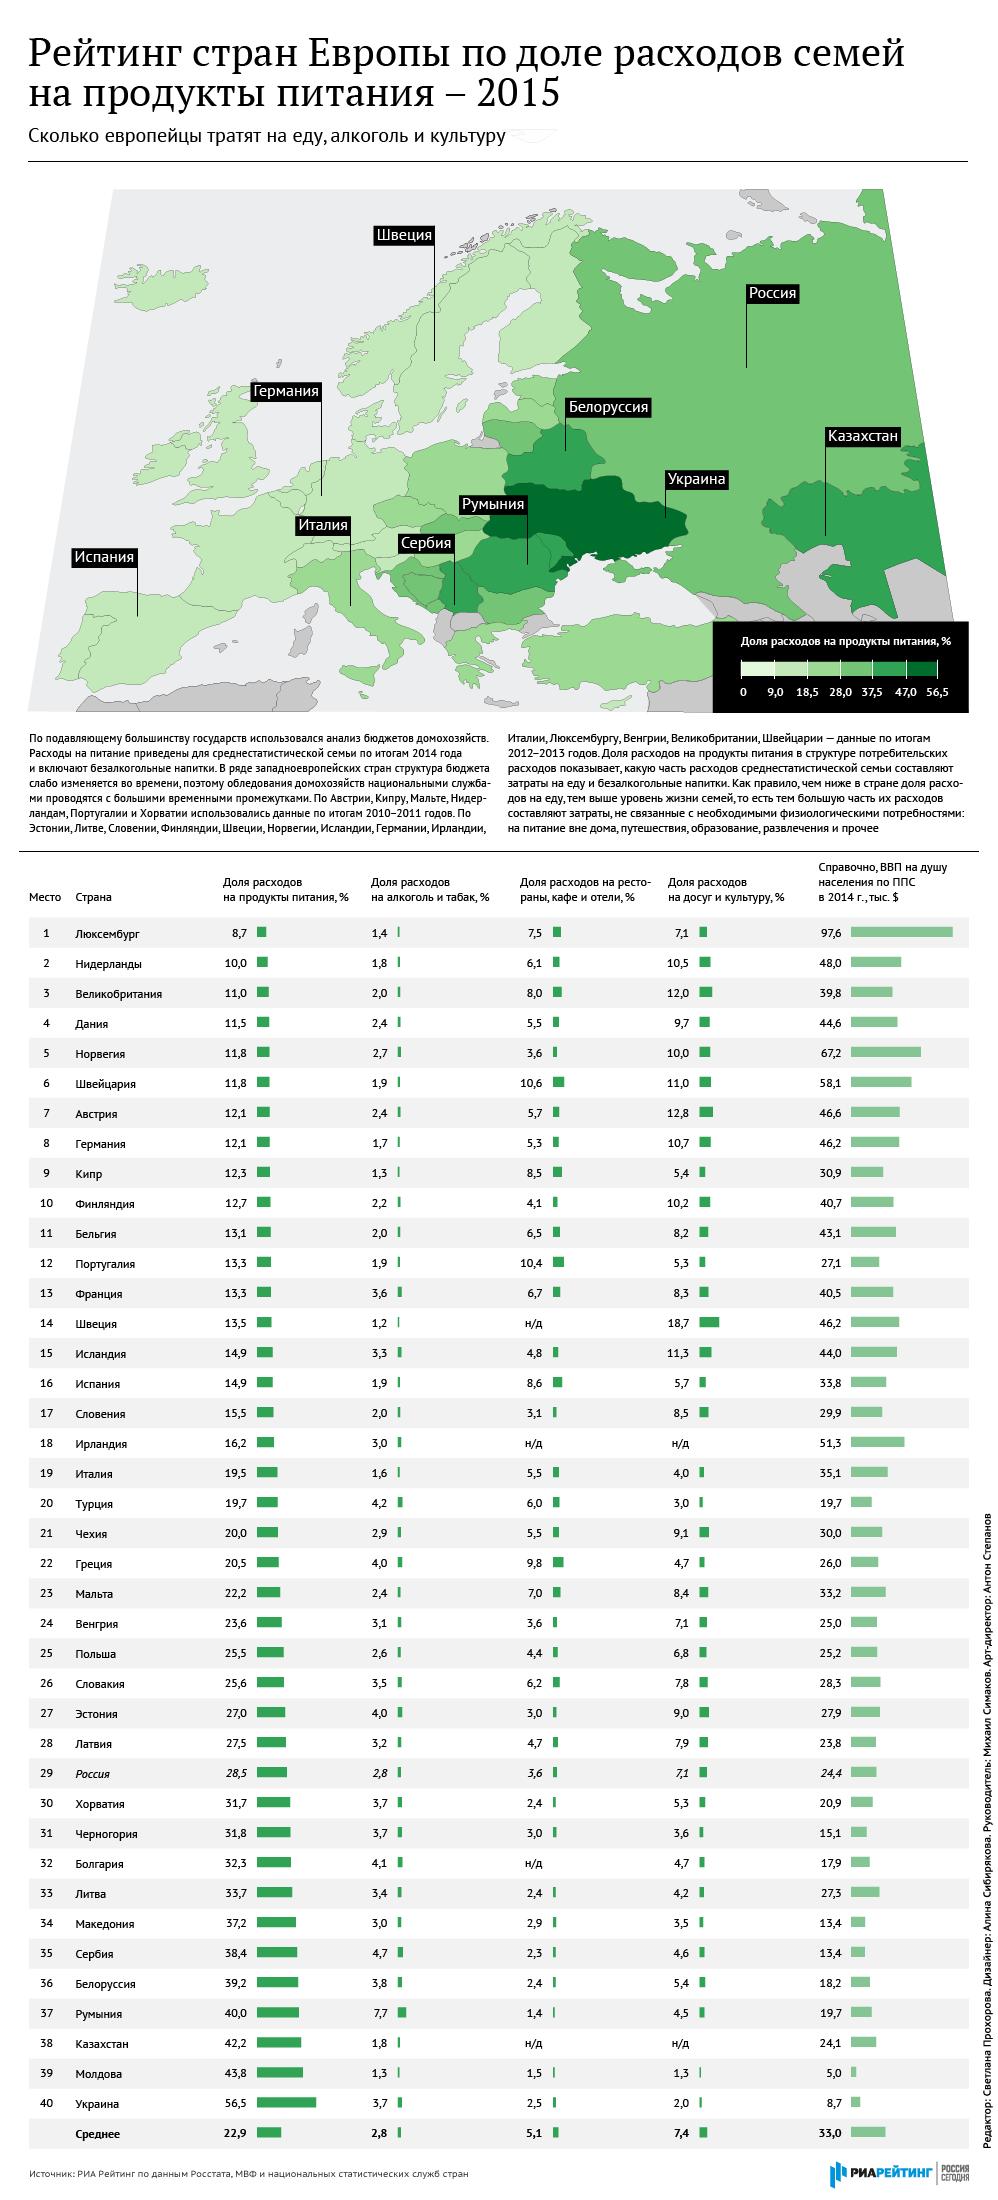 Рейтинг стран Европы по доле расходов семей на продукты питания – 2015